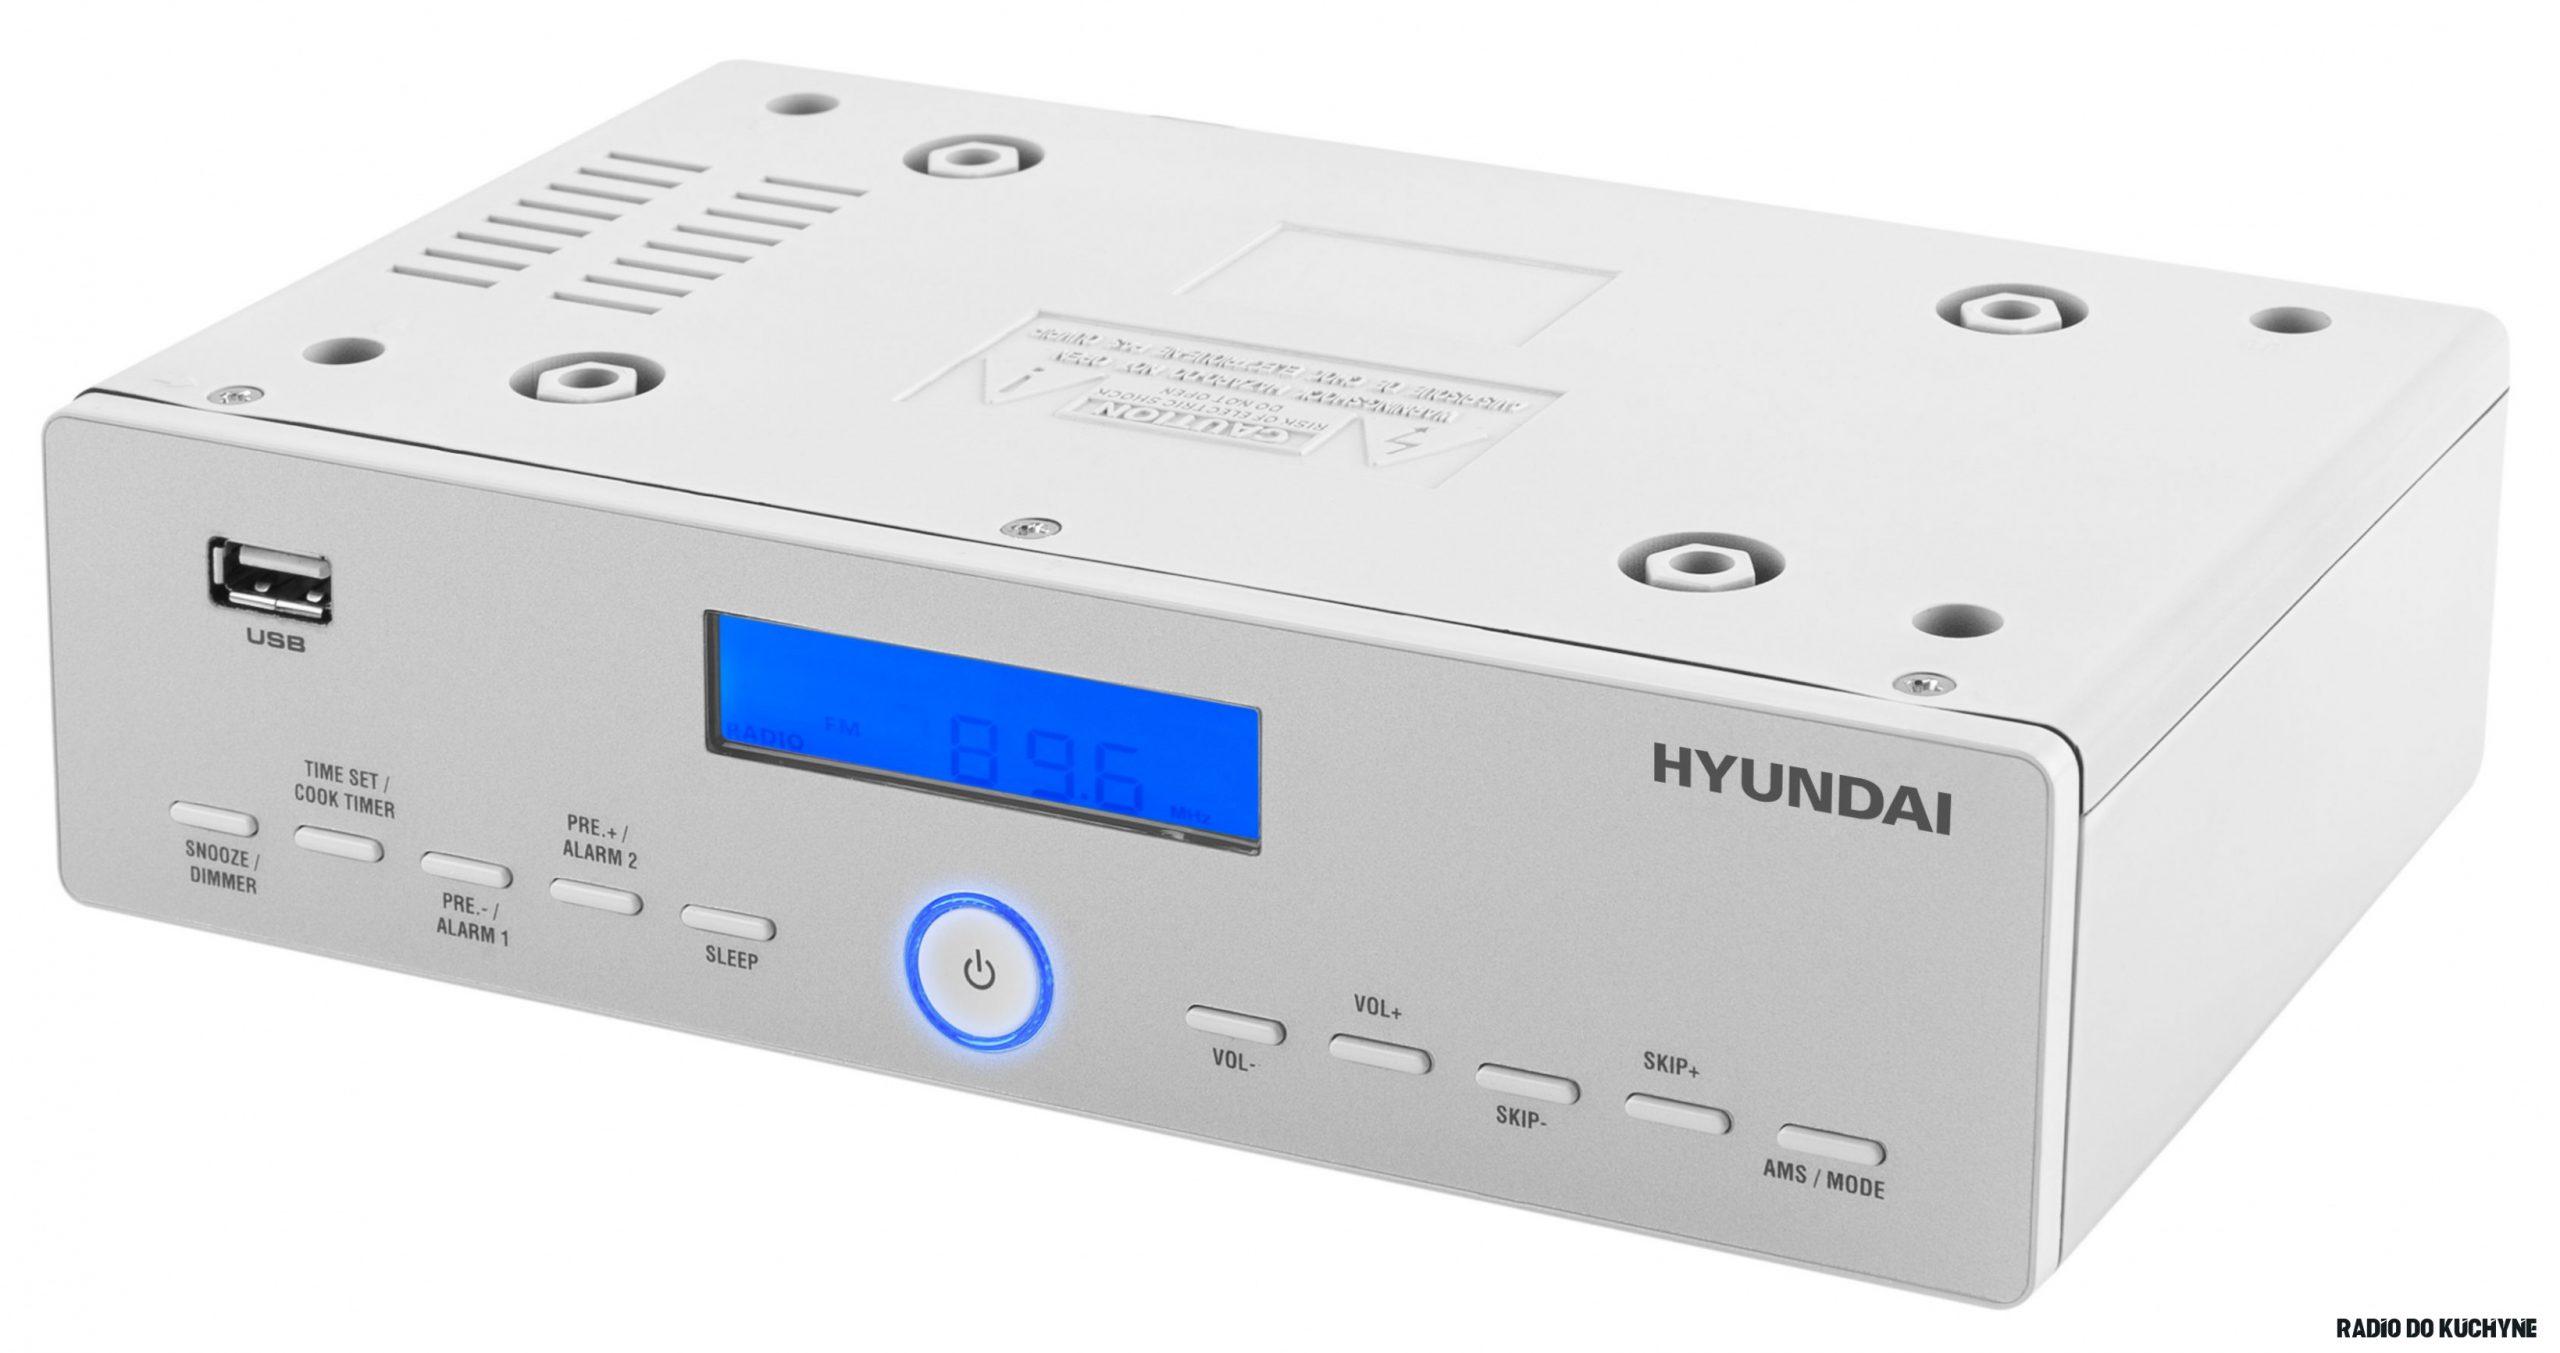 Radiopřijímač Hyundai KR 19PLLU stříbrný/bílý  Hyundai